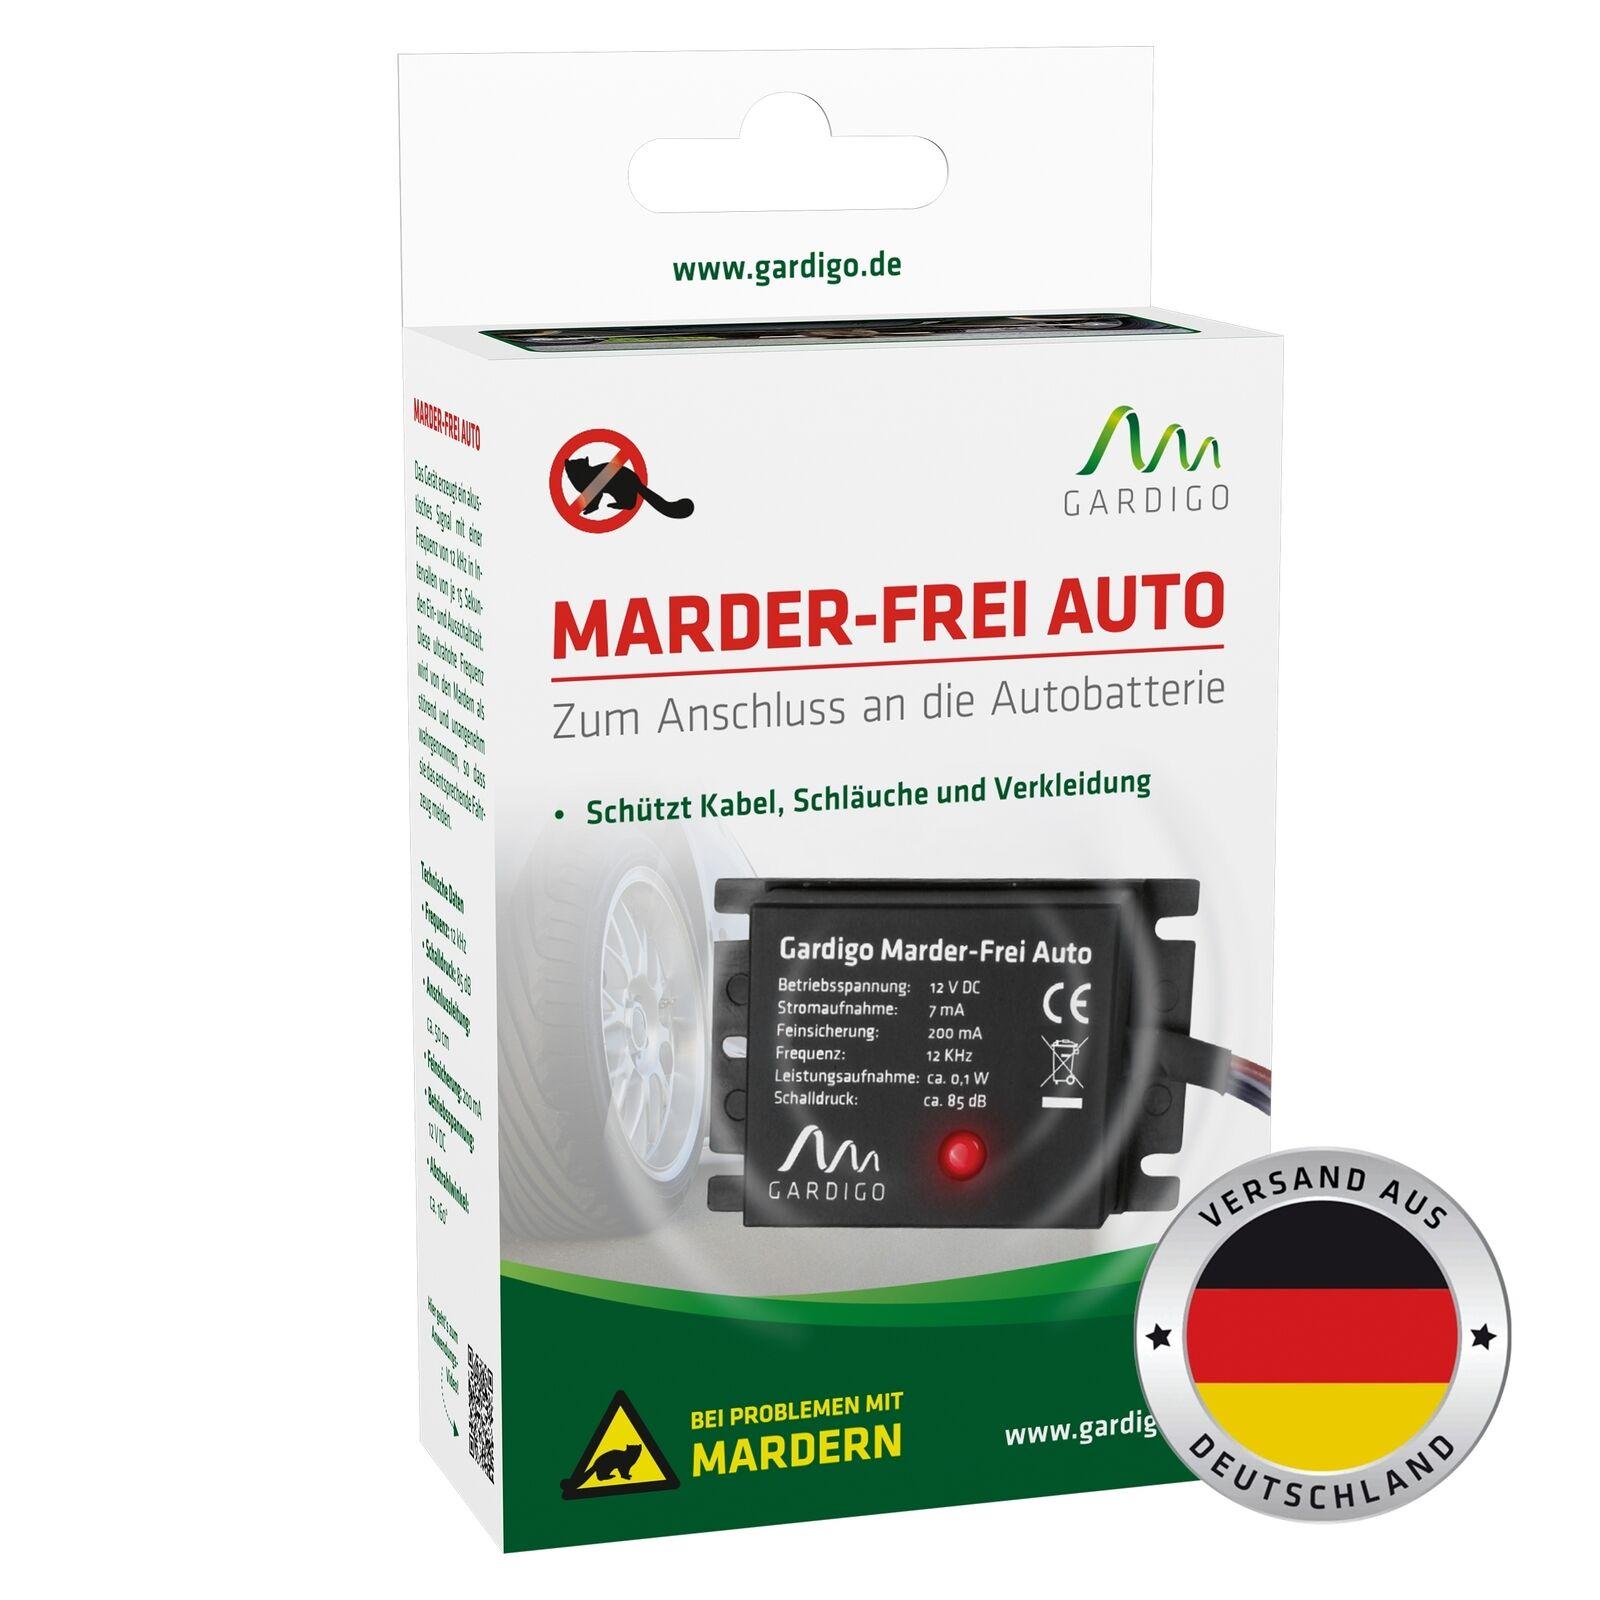 Gardigo Marderschreck Ultraschall Marderschutz Auto Marderabwehr Marderfrei